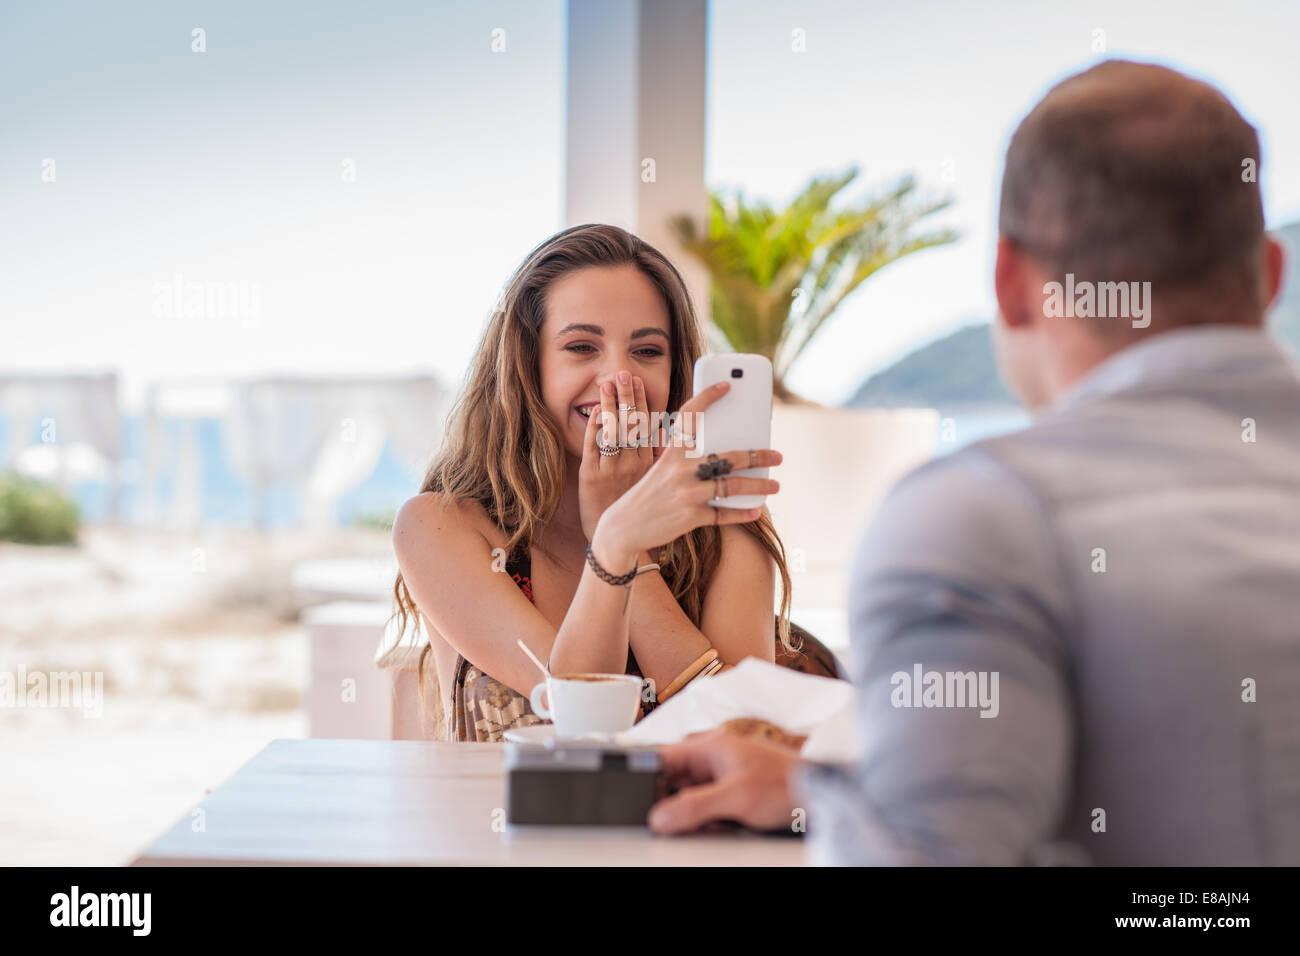 Mujer joven tomando fotografía de novio en smartphone en playa, Castiadas, Cerdeña, Italia Imagen De Stock